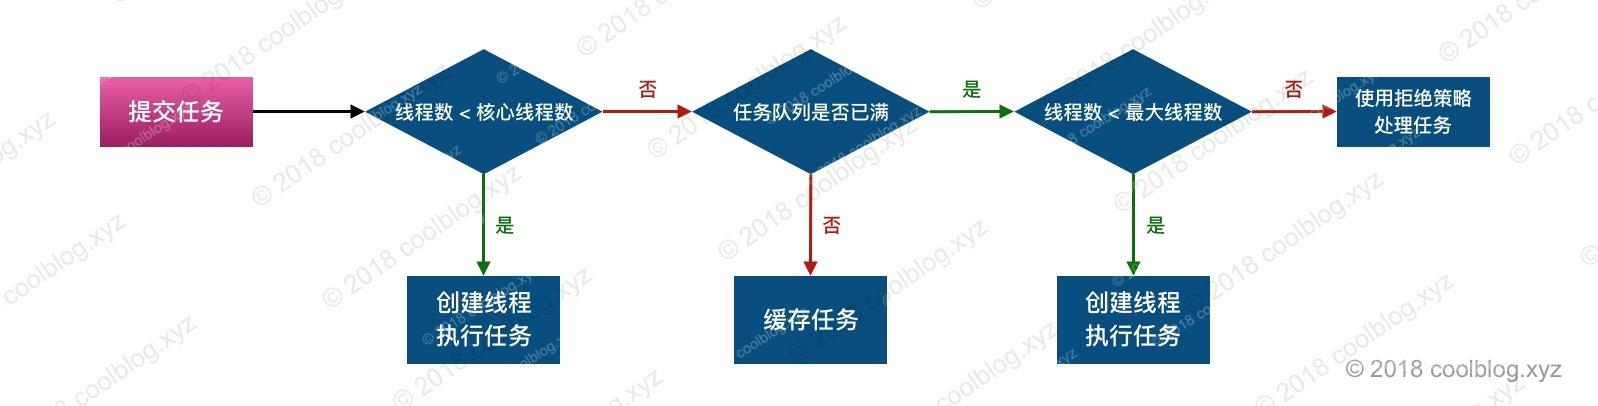 通常情况下我们可以通过线程池的sumit方法提交任务.